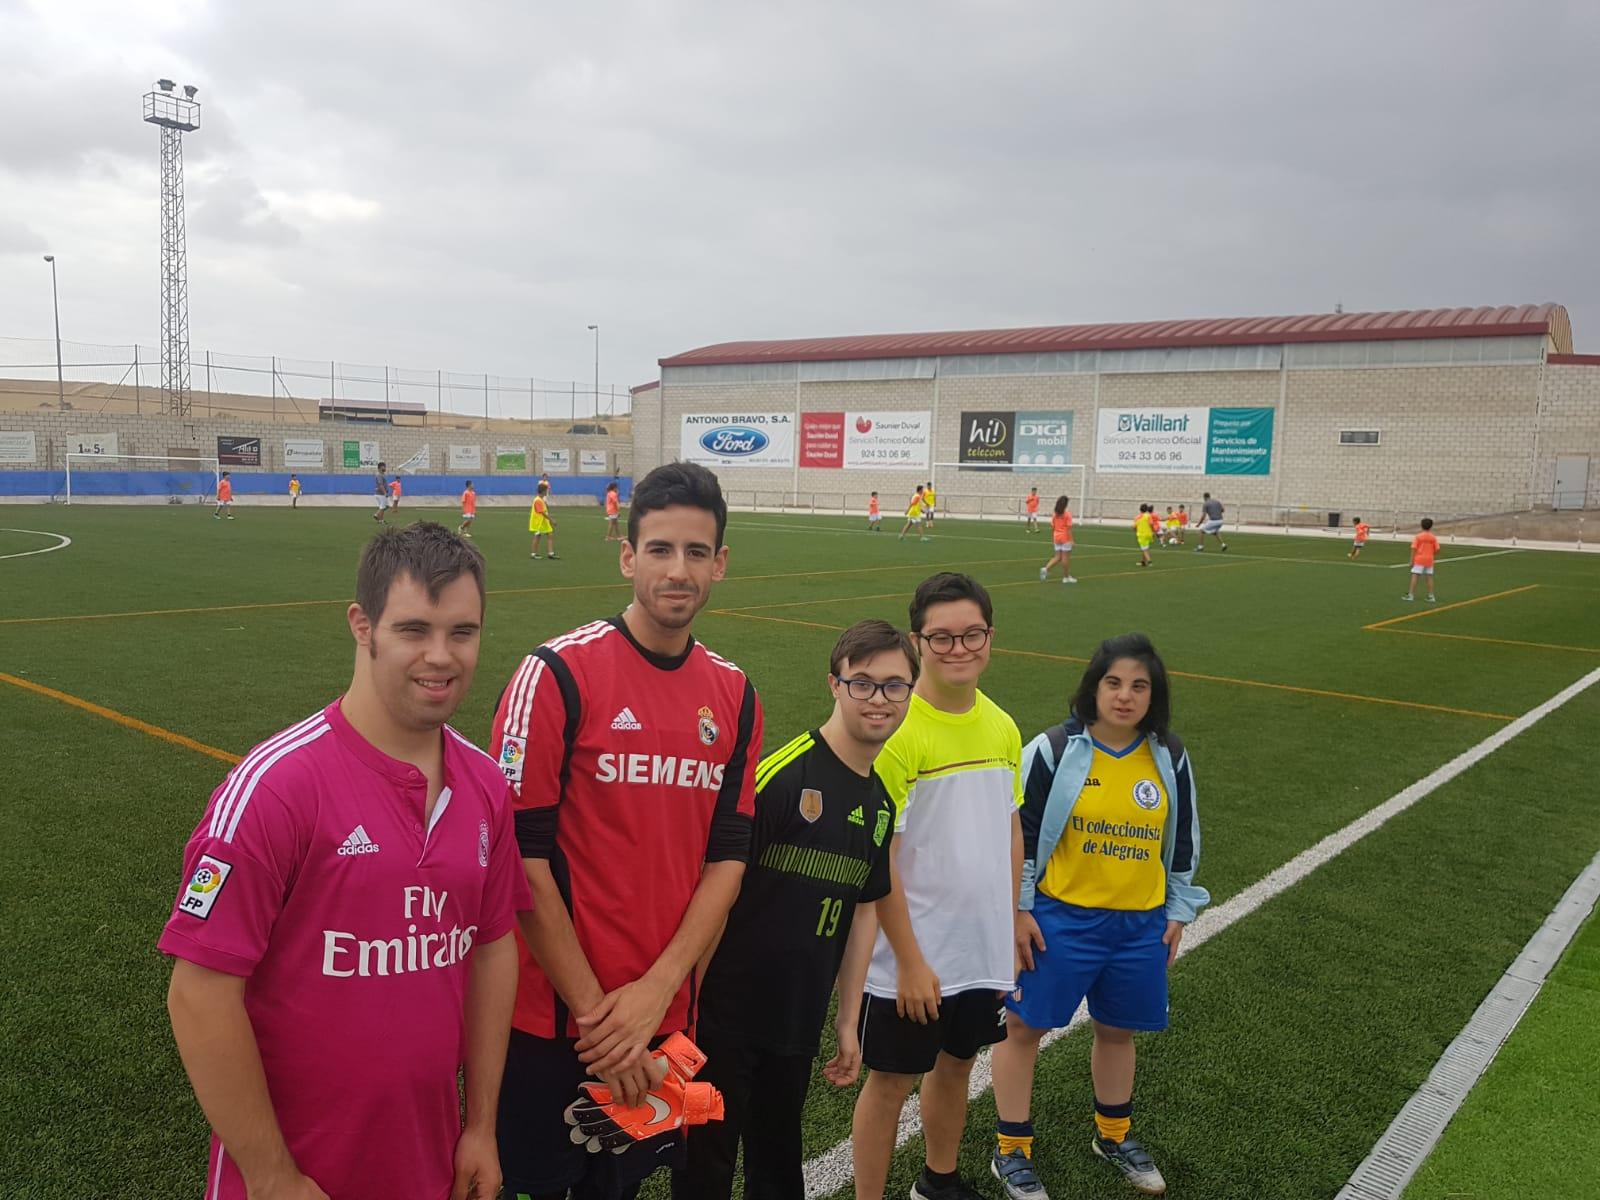 Técnicos y usuarios de Down Mérida enseñan las bases del fútbol inclusivo a más de 70 niños y jóvenes